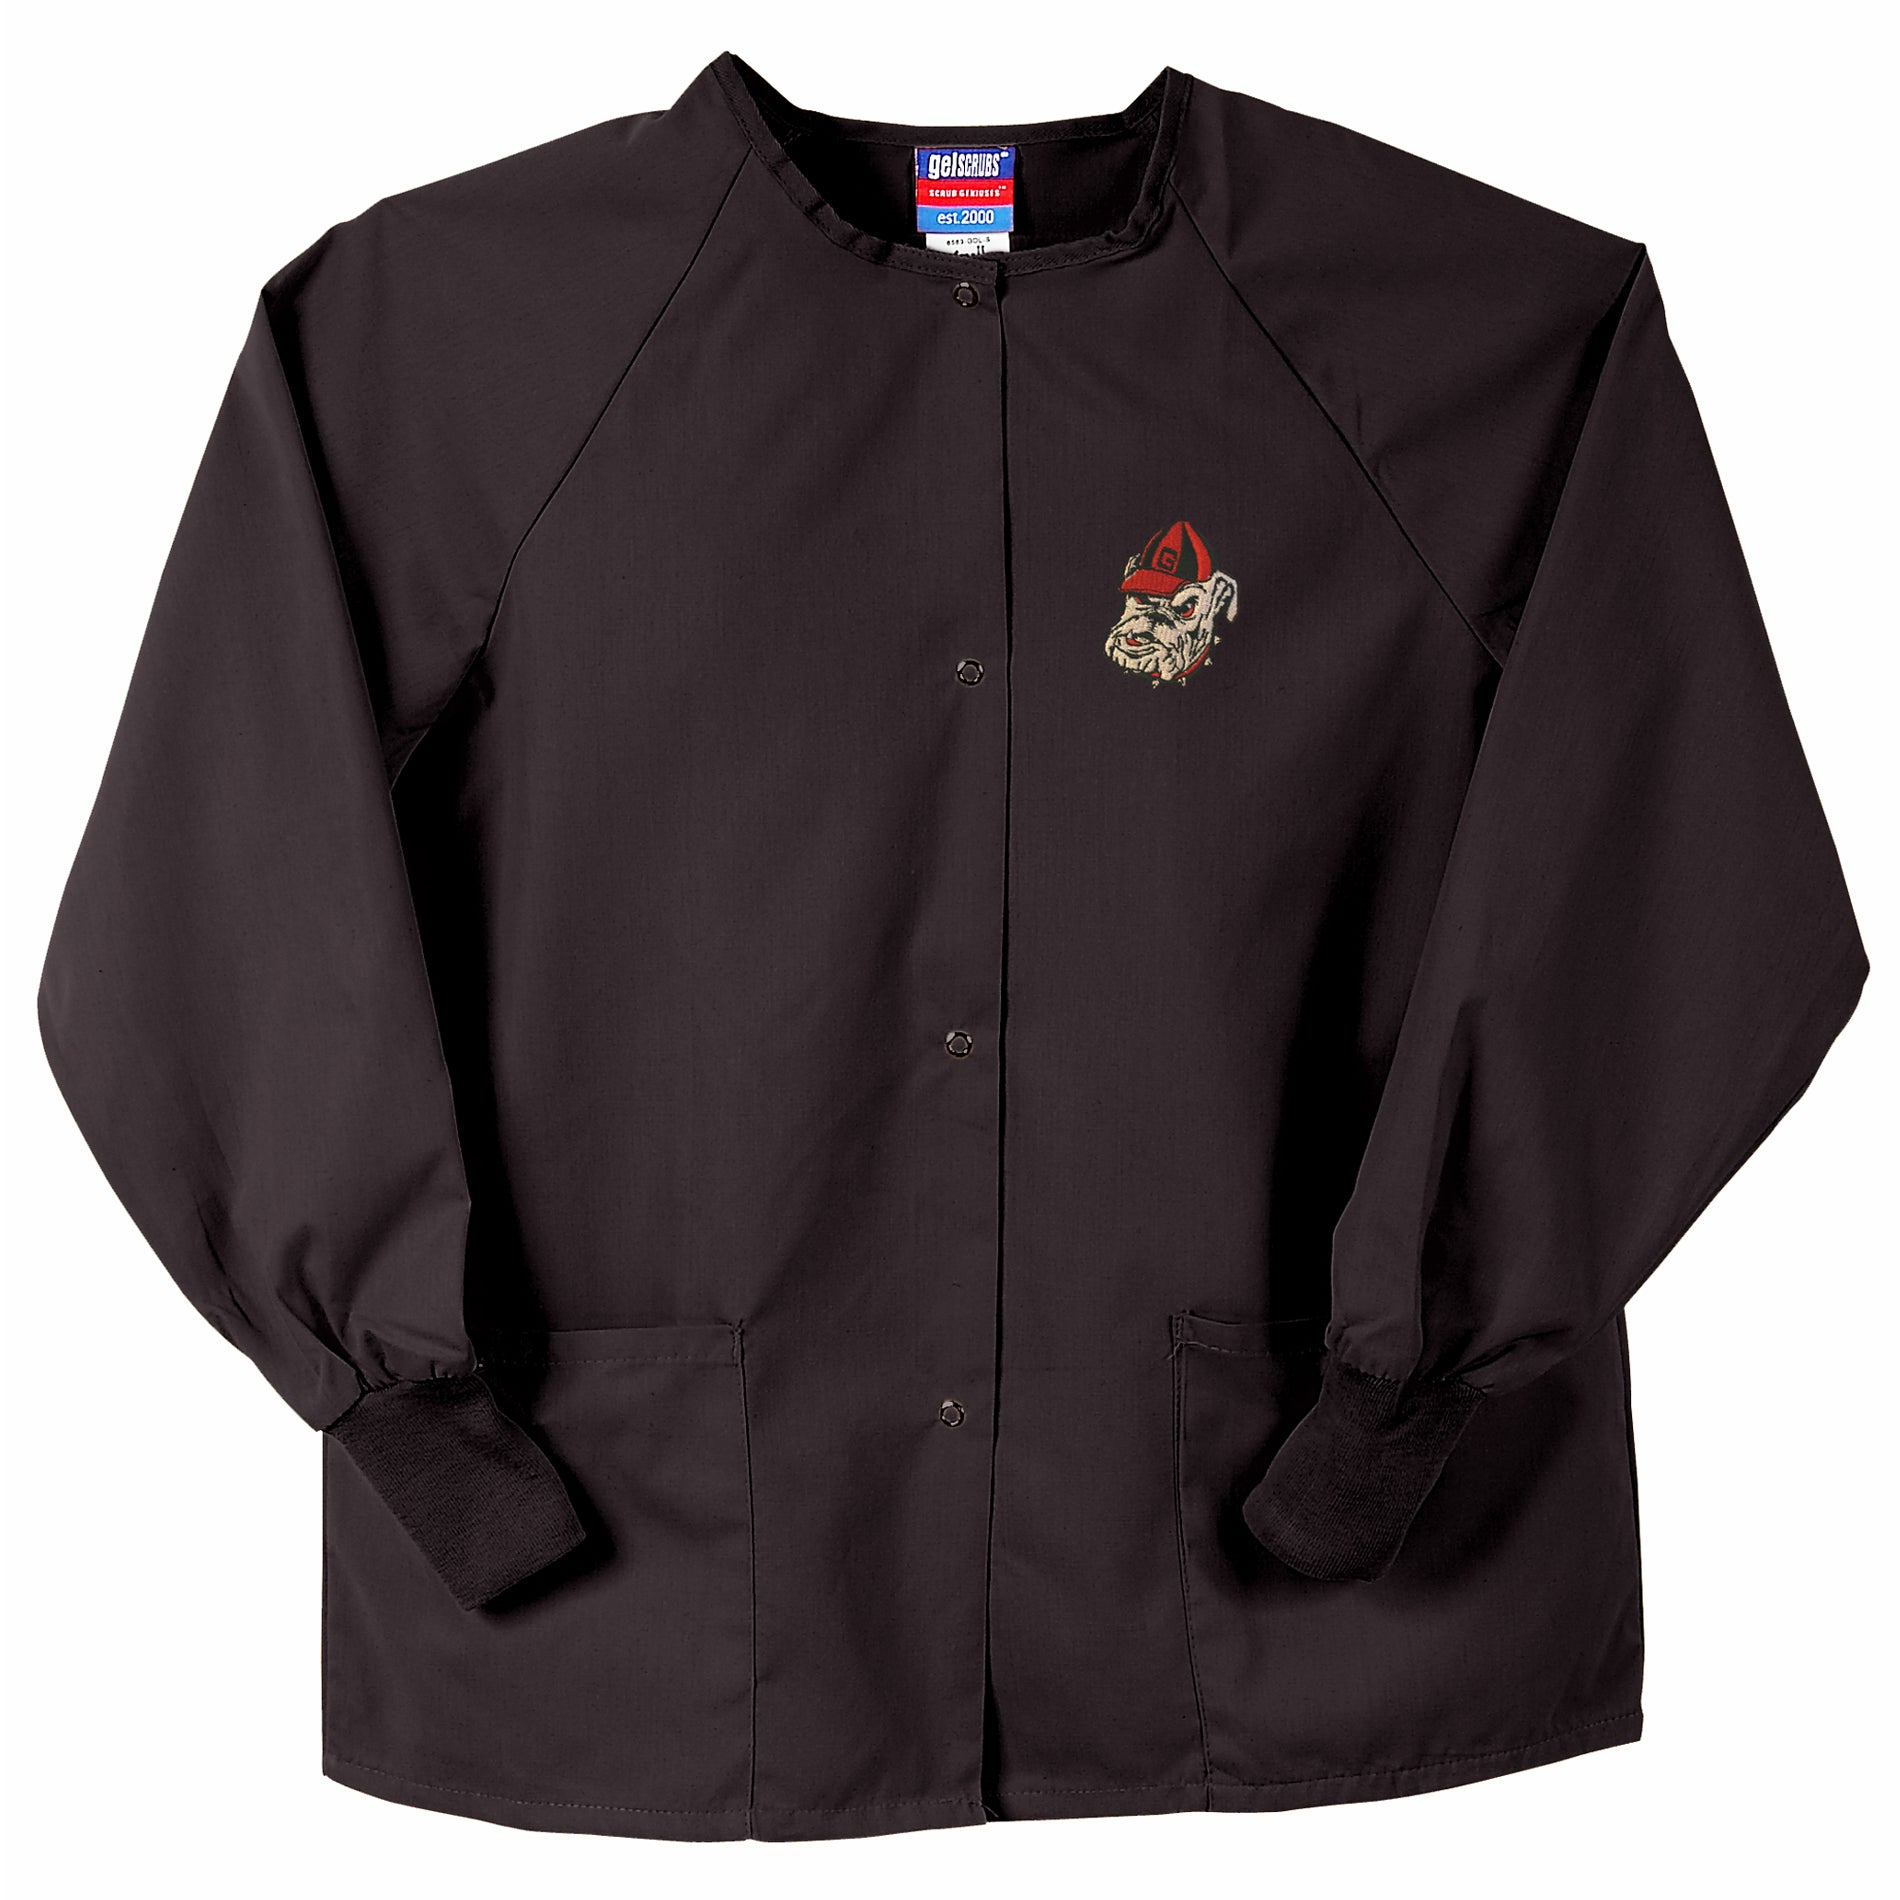 Gelscrubs Unisex Black NCAA Georgia Bulldogs Team Nurse Jacket